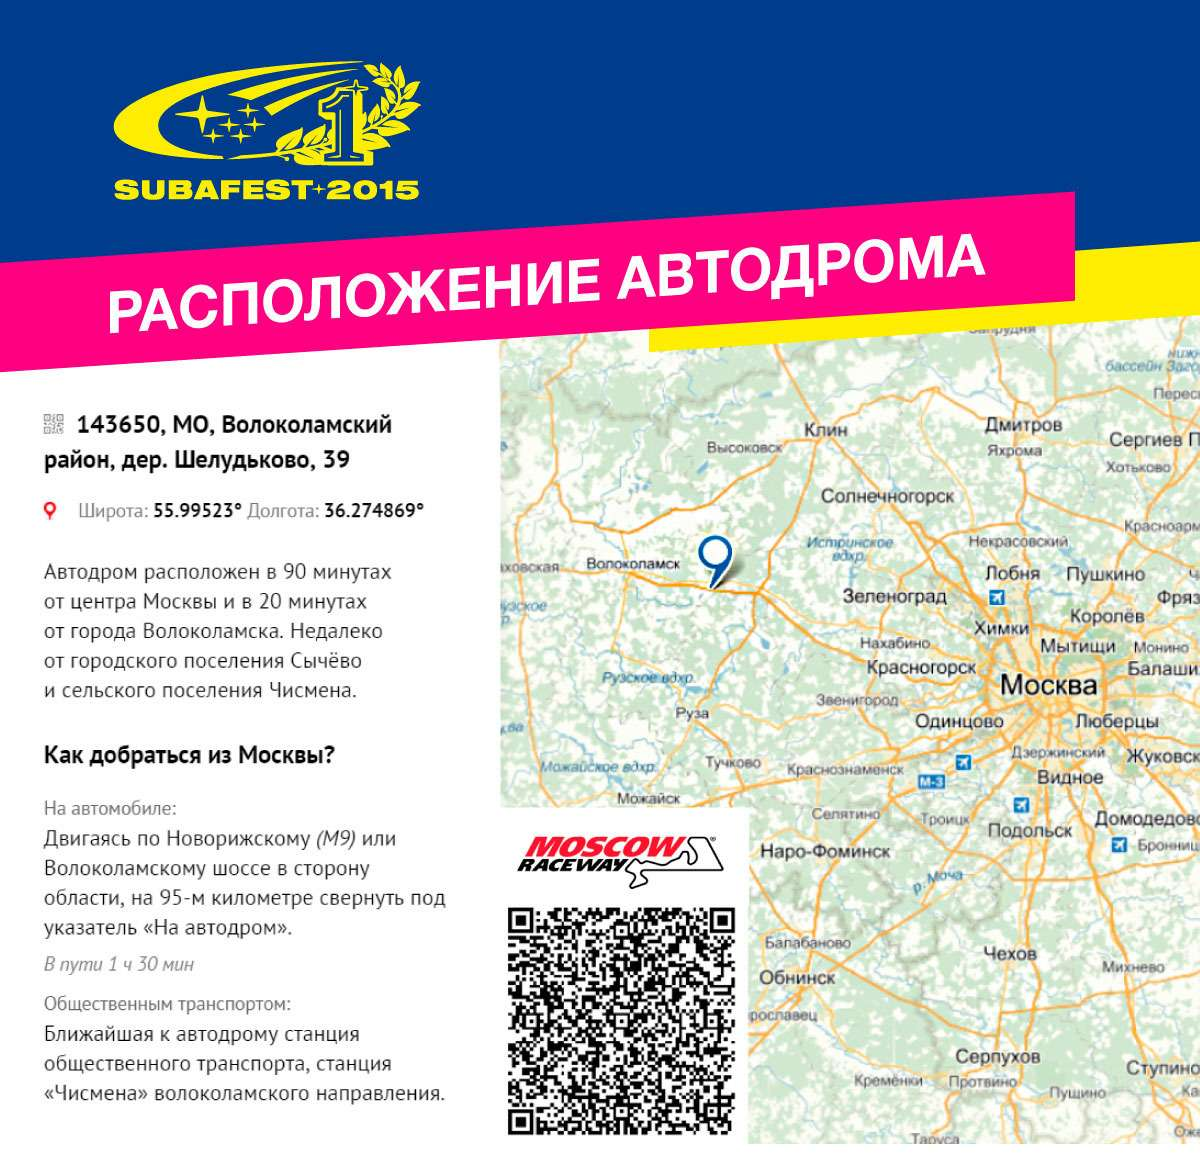 Расположение SubaFest'15(Москва)